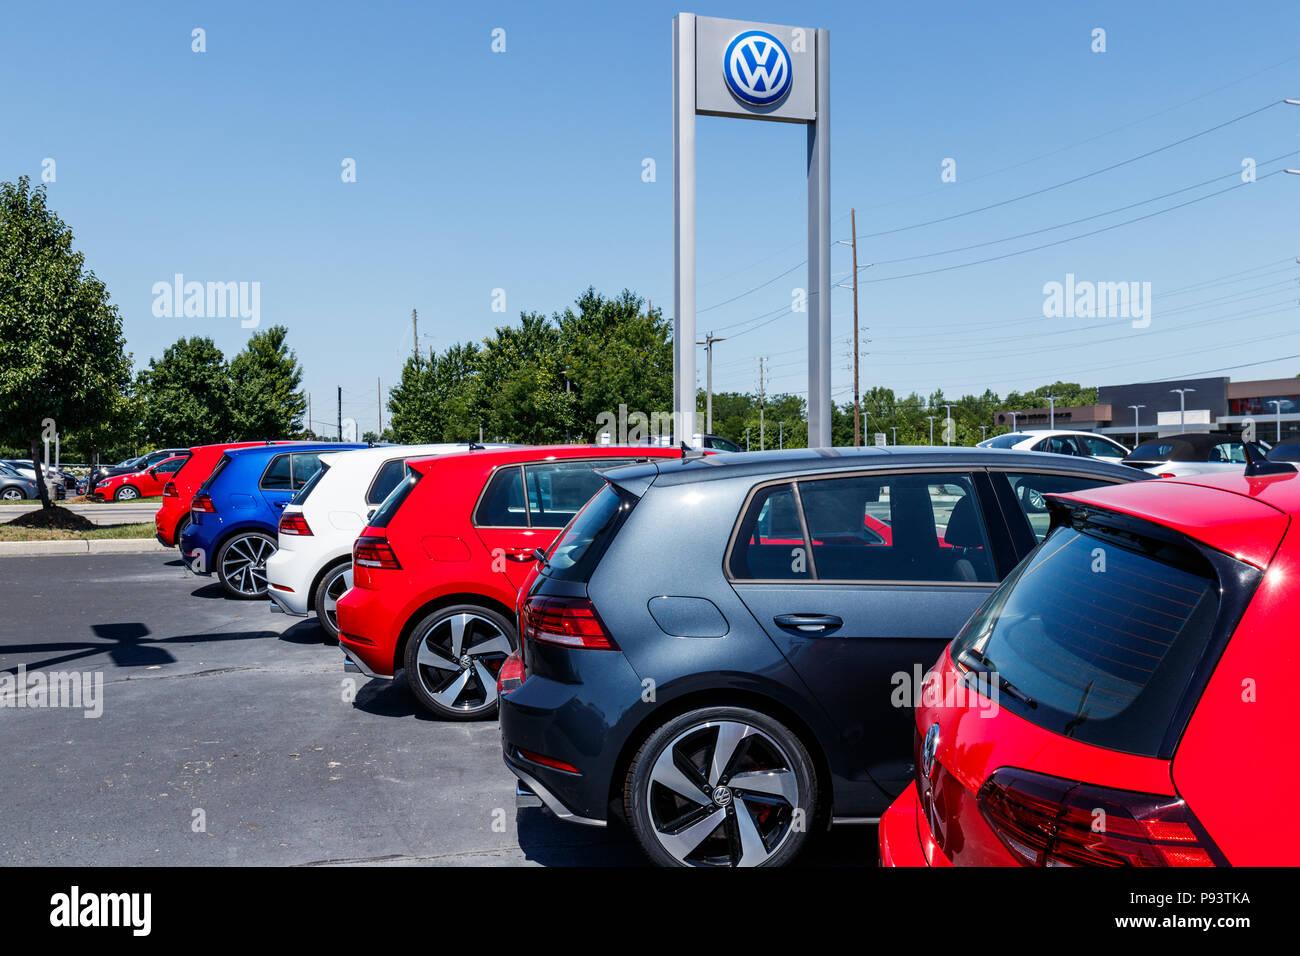 Vw Volkswagen Touareg Stock Photos Amp Vw Volkswagen Touareg